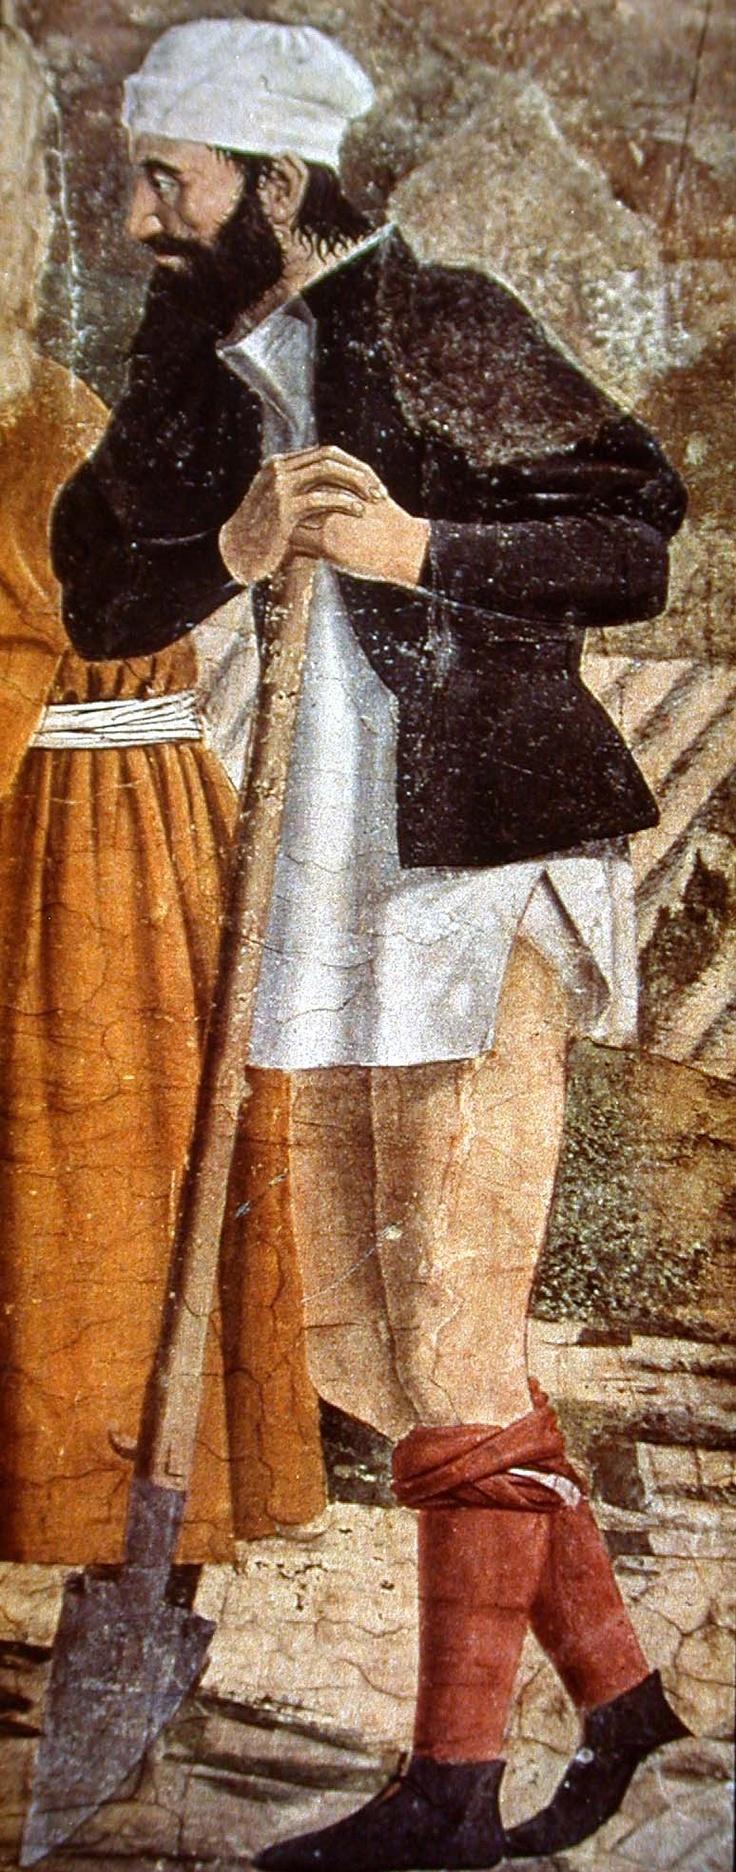 Medieval renaissances